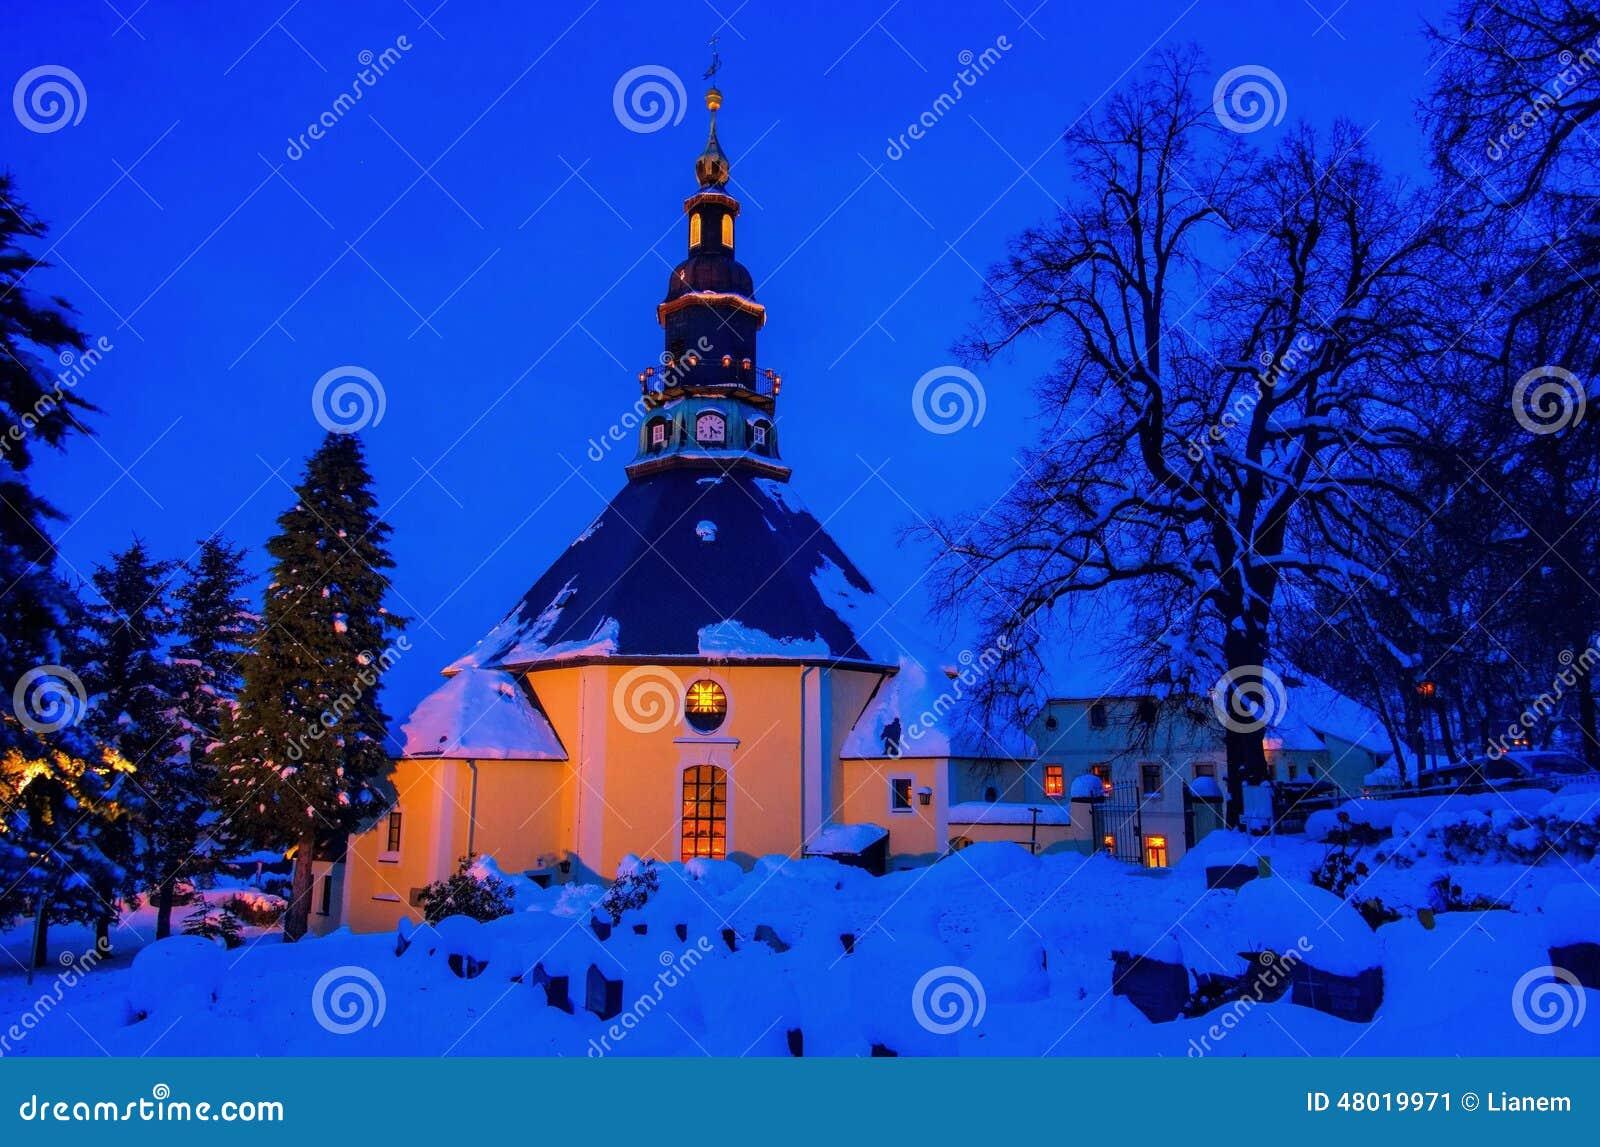 seiffen kirche im winter stockbild bild von abend. Black Bedroom Furniture Sets. Home Design Ideas